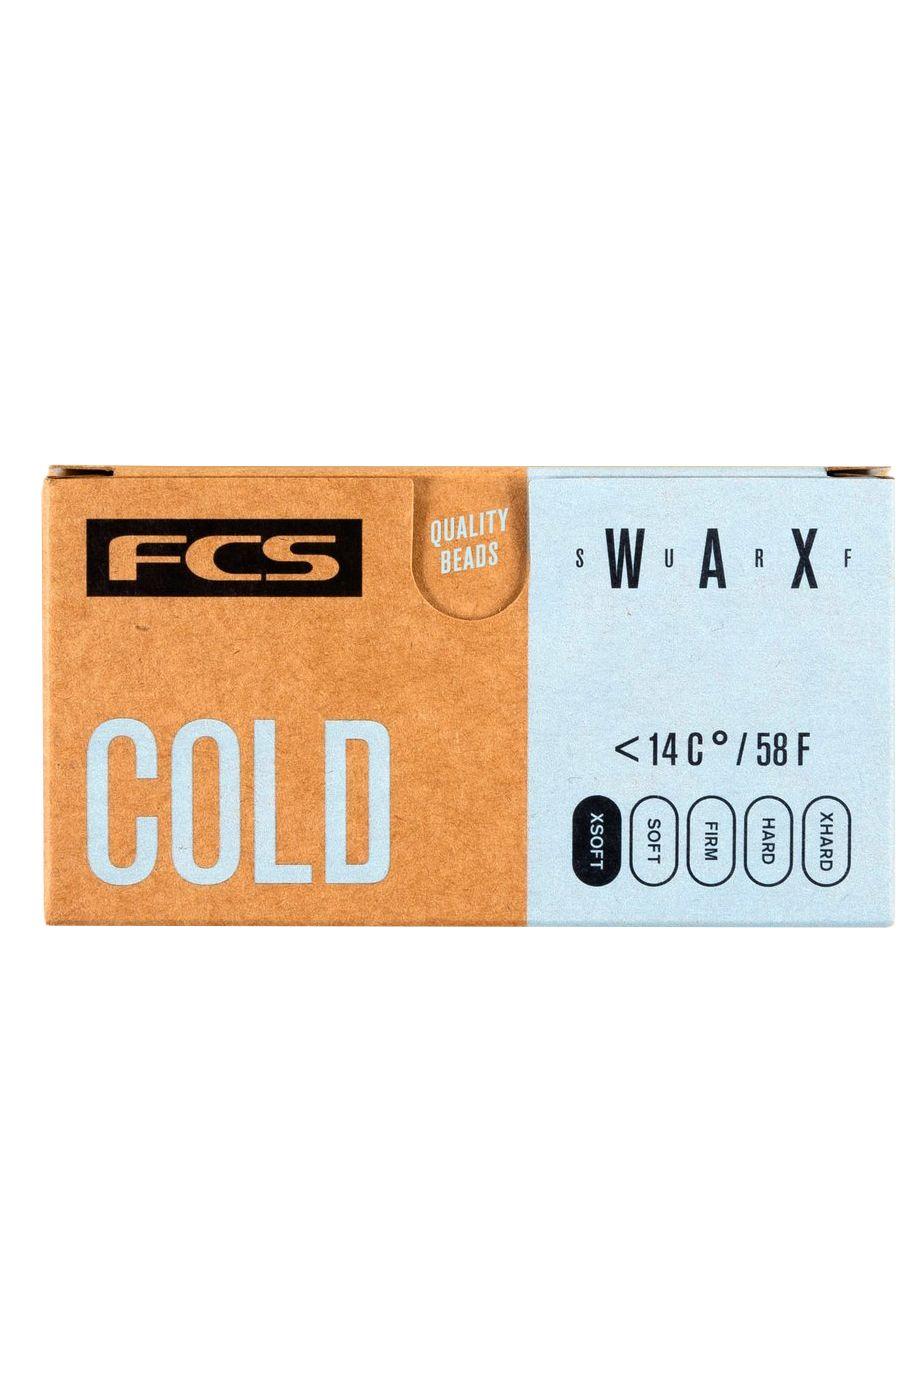 Wax Fcs SURF WAX COLD Assorted